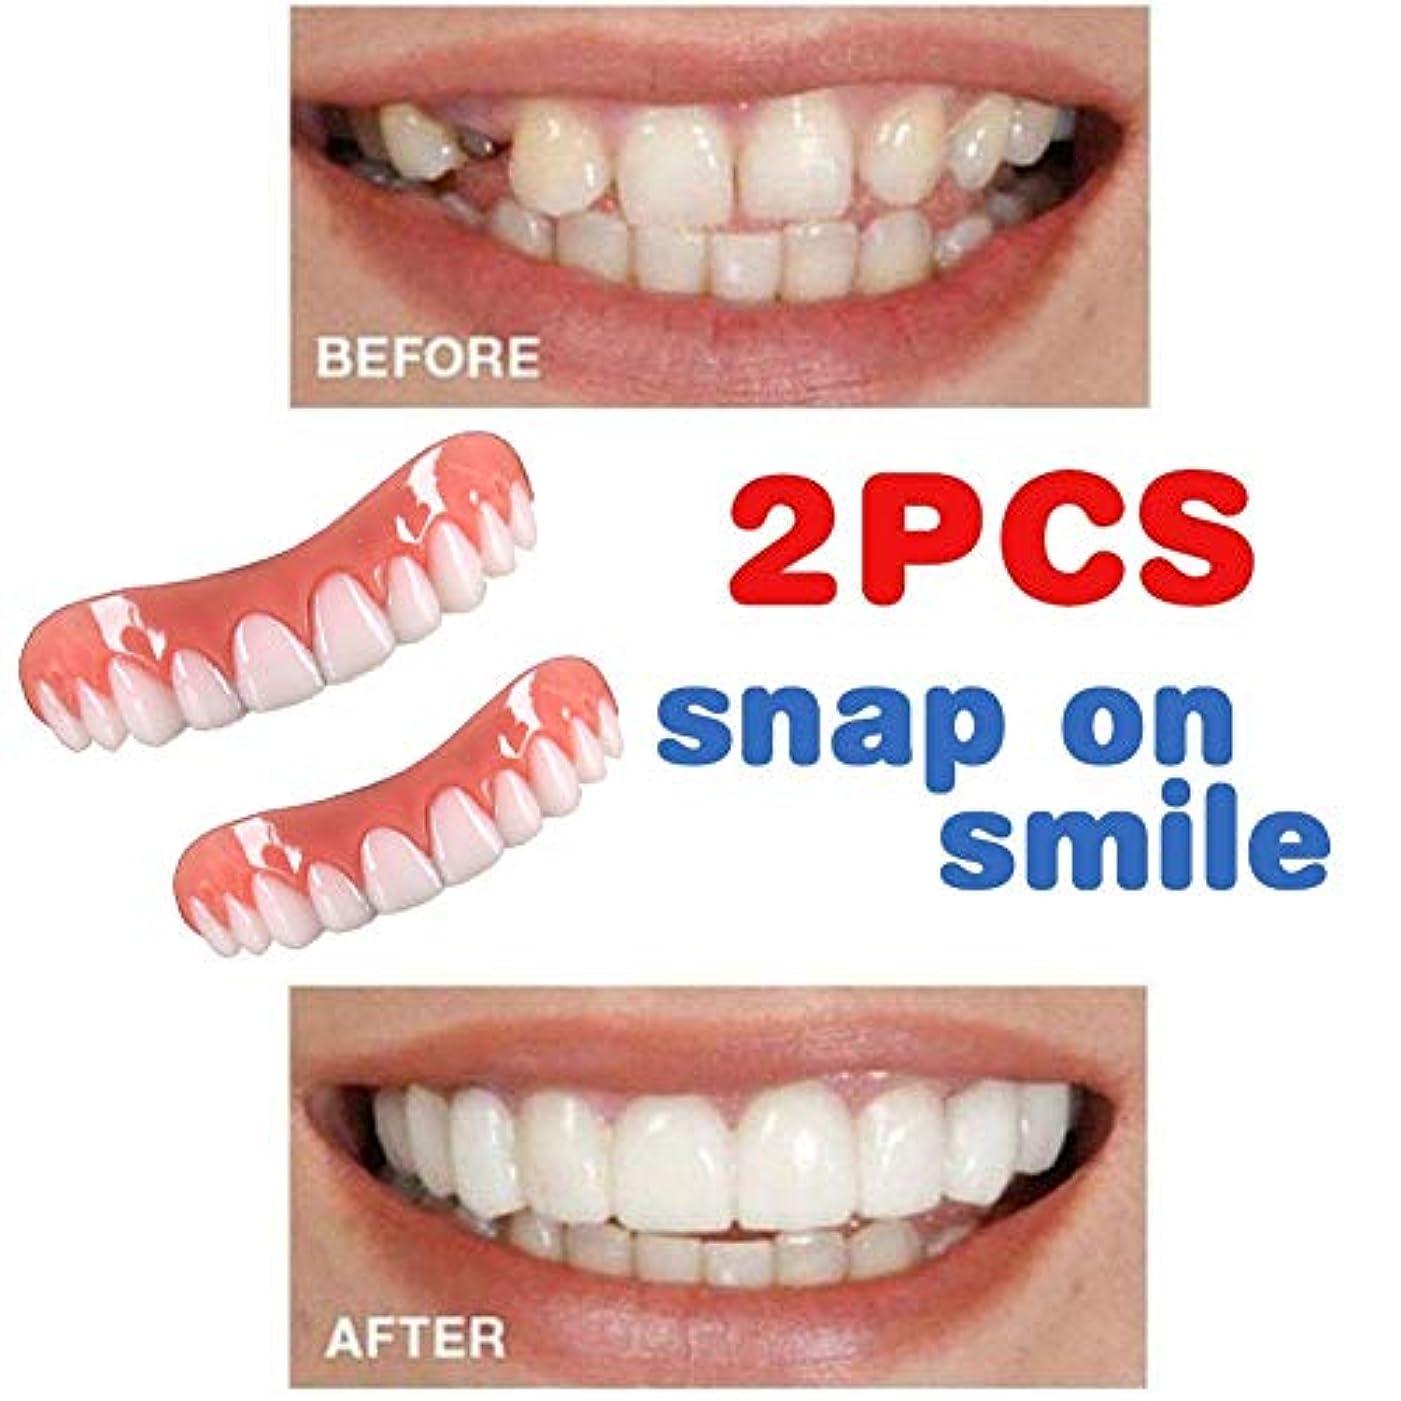 はねかけるニックネーム幸運なことに男性の女性のアッパー用の化粧用歯は、自宅でフラットフィットになります